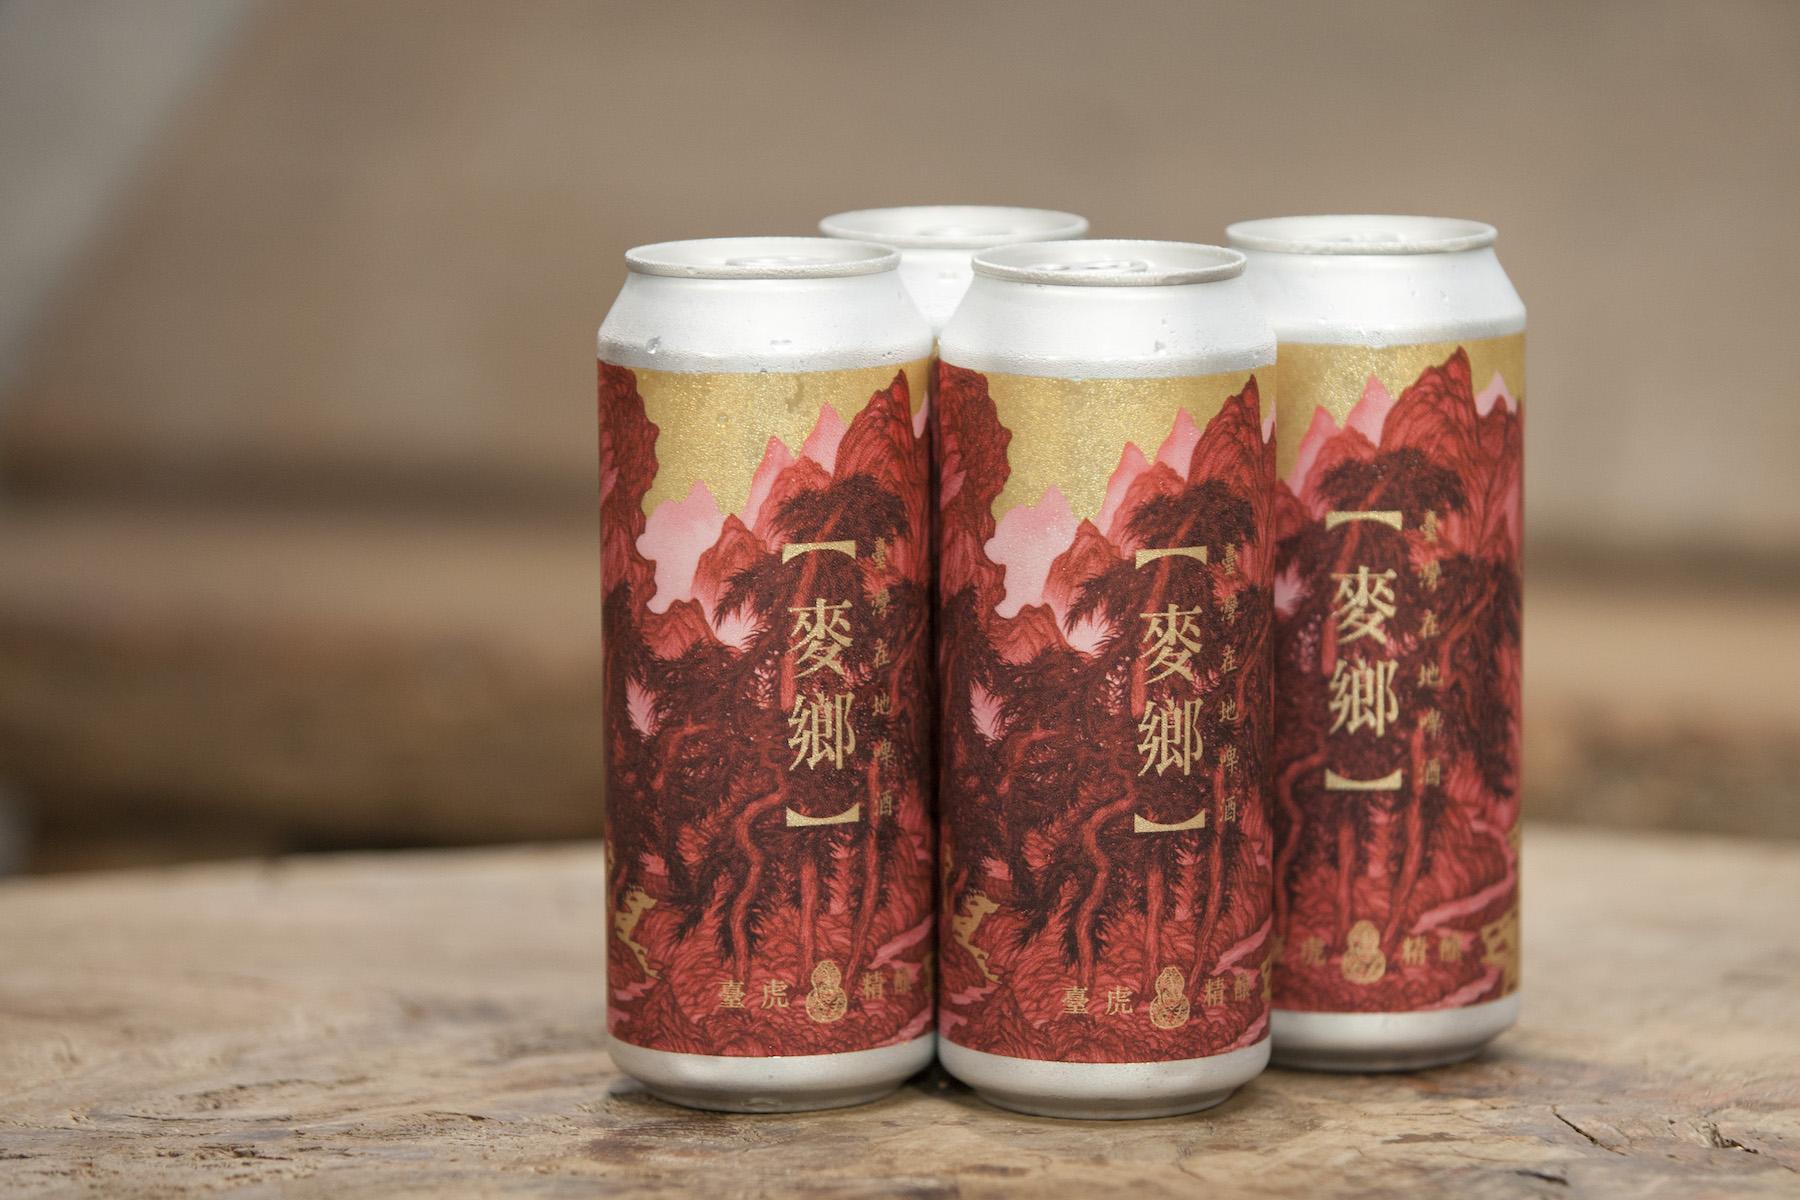 這是臺虎第一次推出罐裝系列精釀啤酒,不只方便攜帶,瓶身也特別邀請台灣知名藝術家姚瑞中設計。其創作風格符合臺虎「融合傳統與創新」之理念,以金箔加原子筆的嶄新手法繪製經典山水畫,圖案細膩,值得蒐藏。